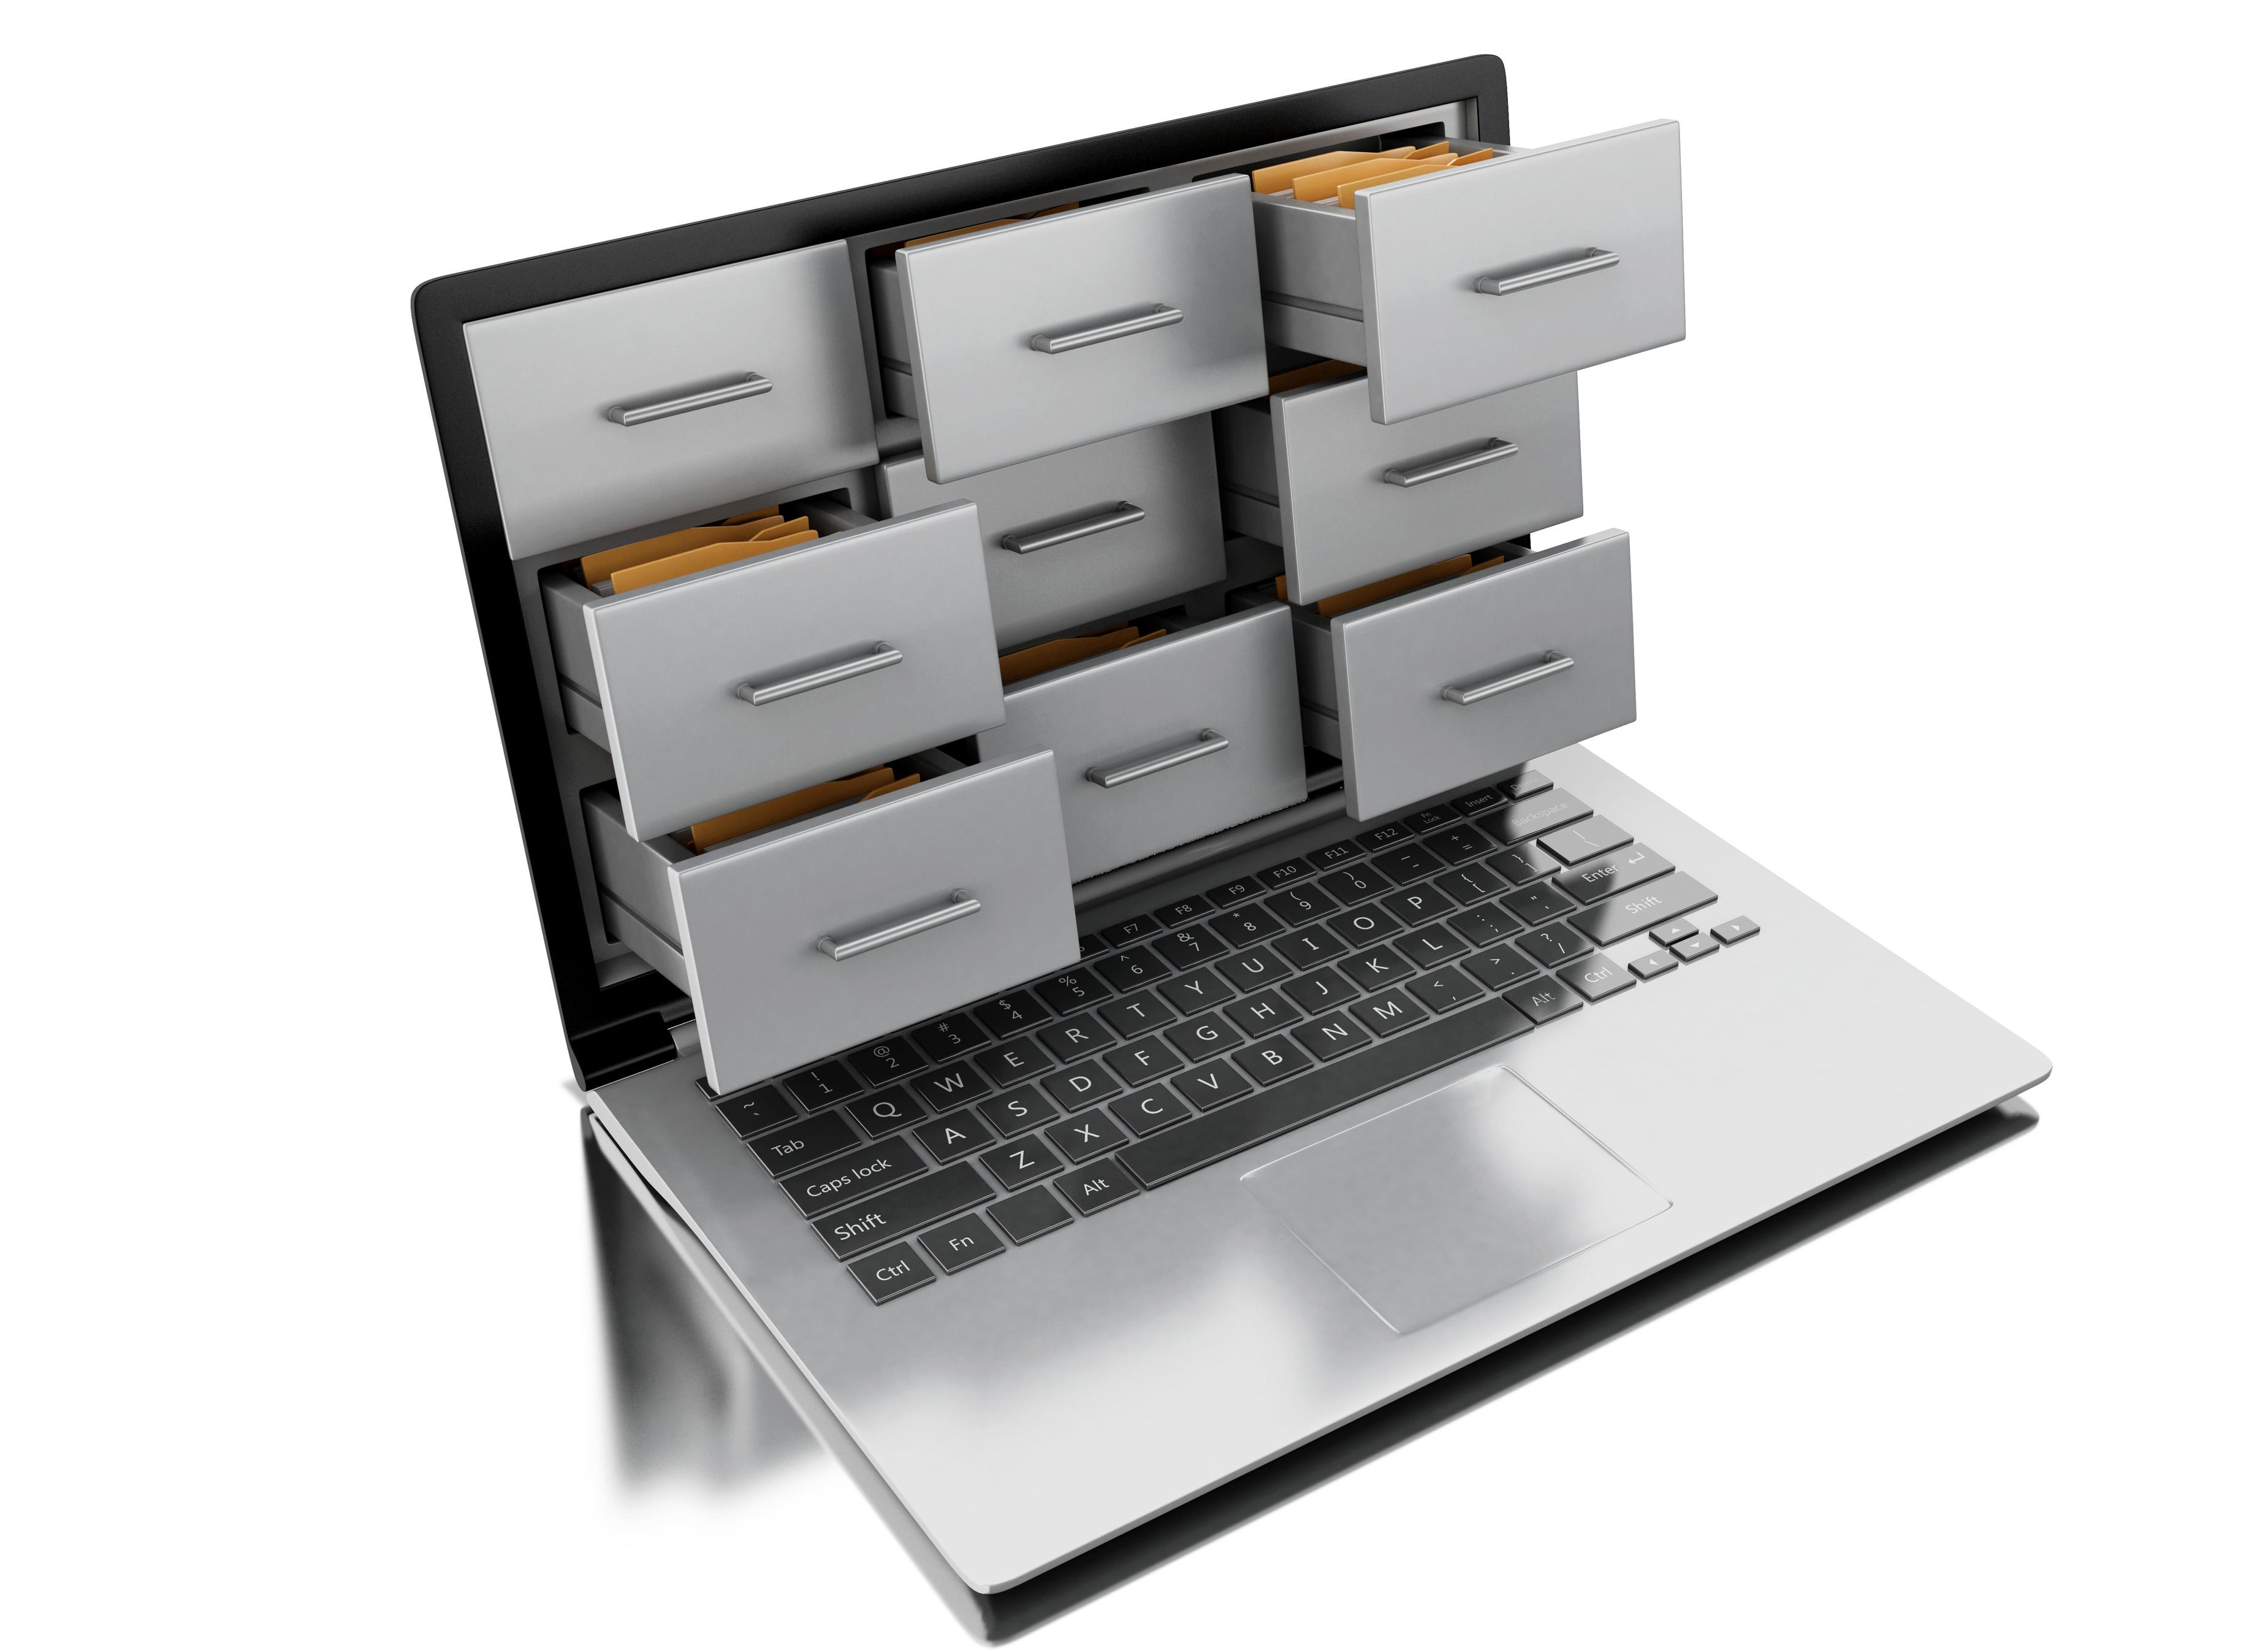 GTS Telecom autorizată pentru arhivare electronică în centrele sale de date